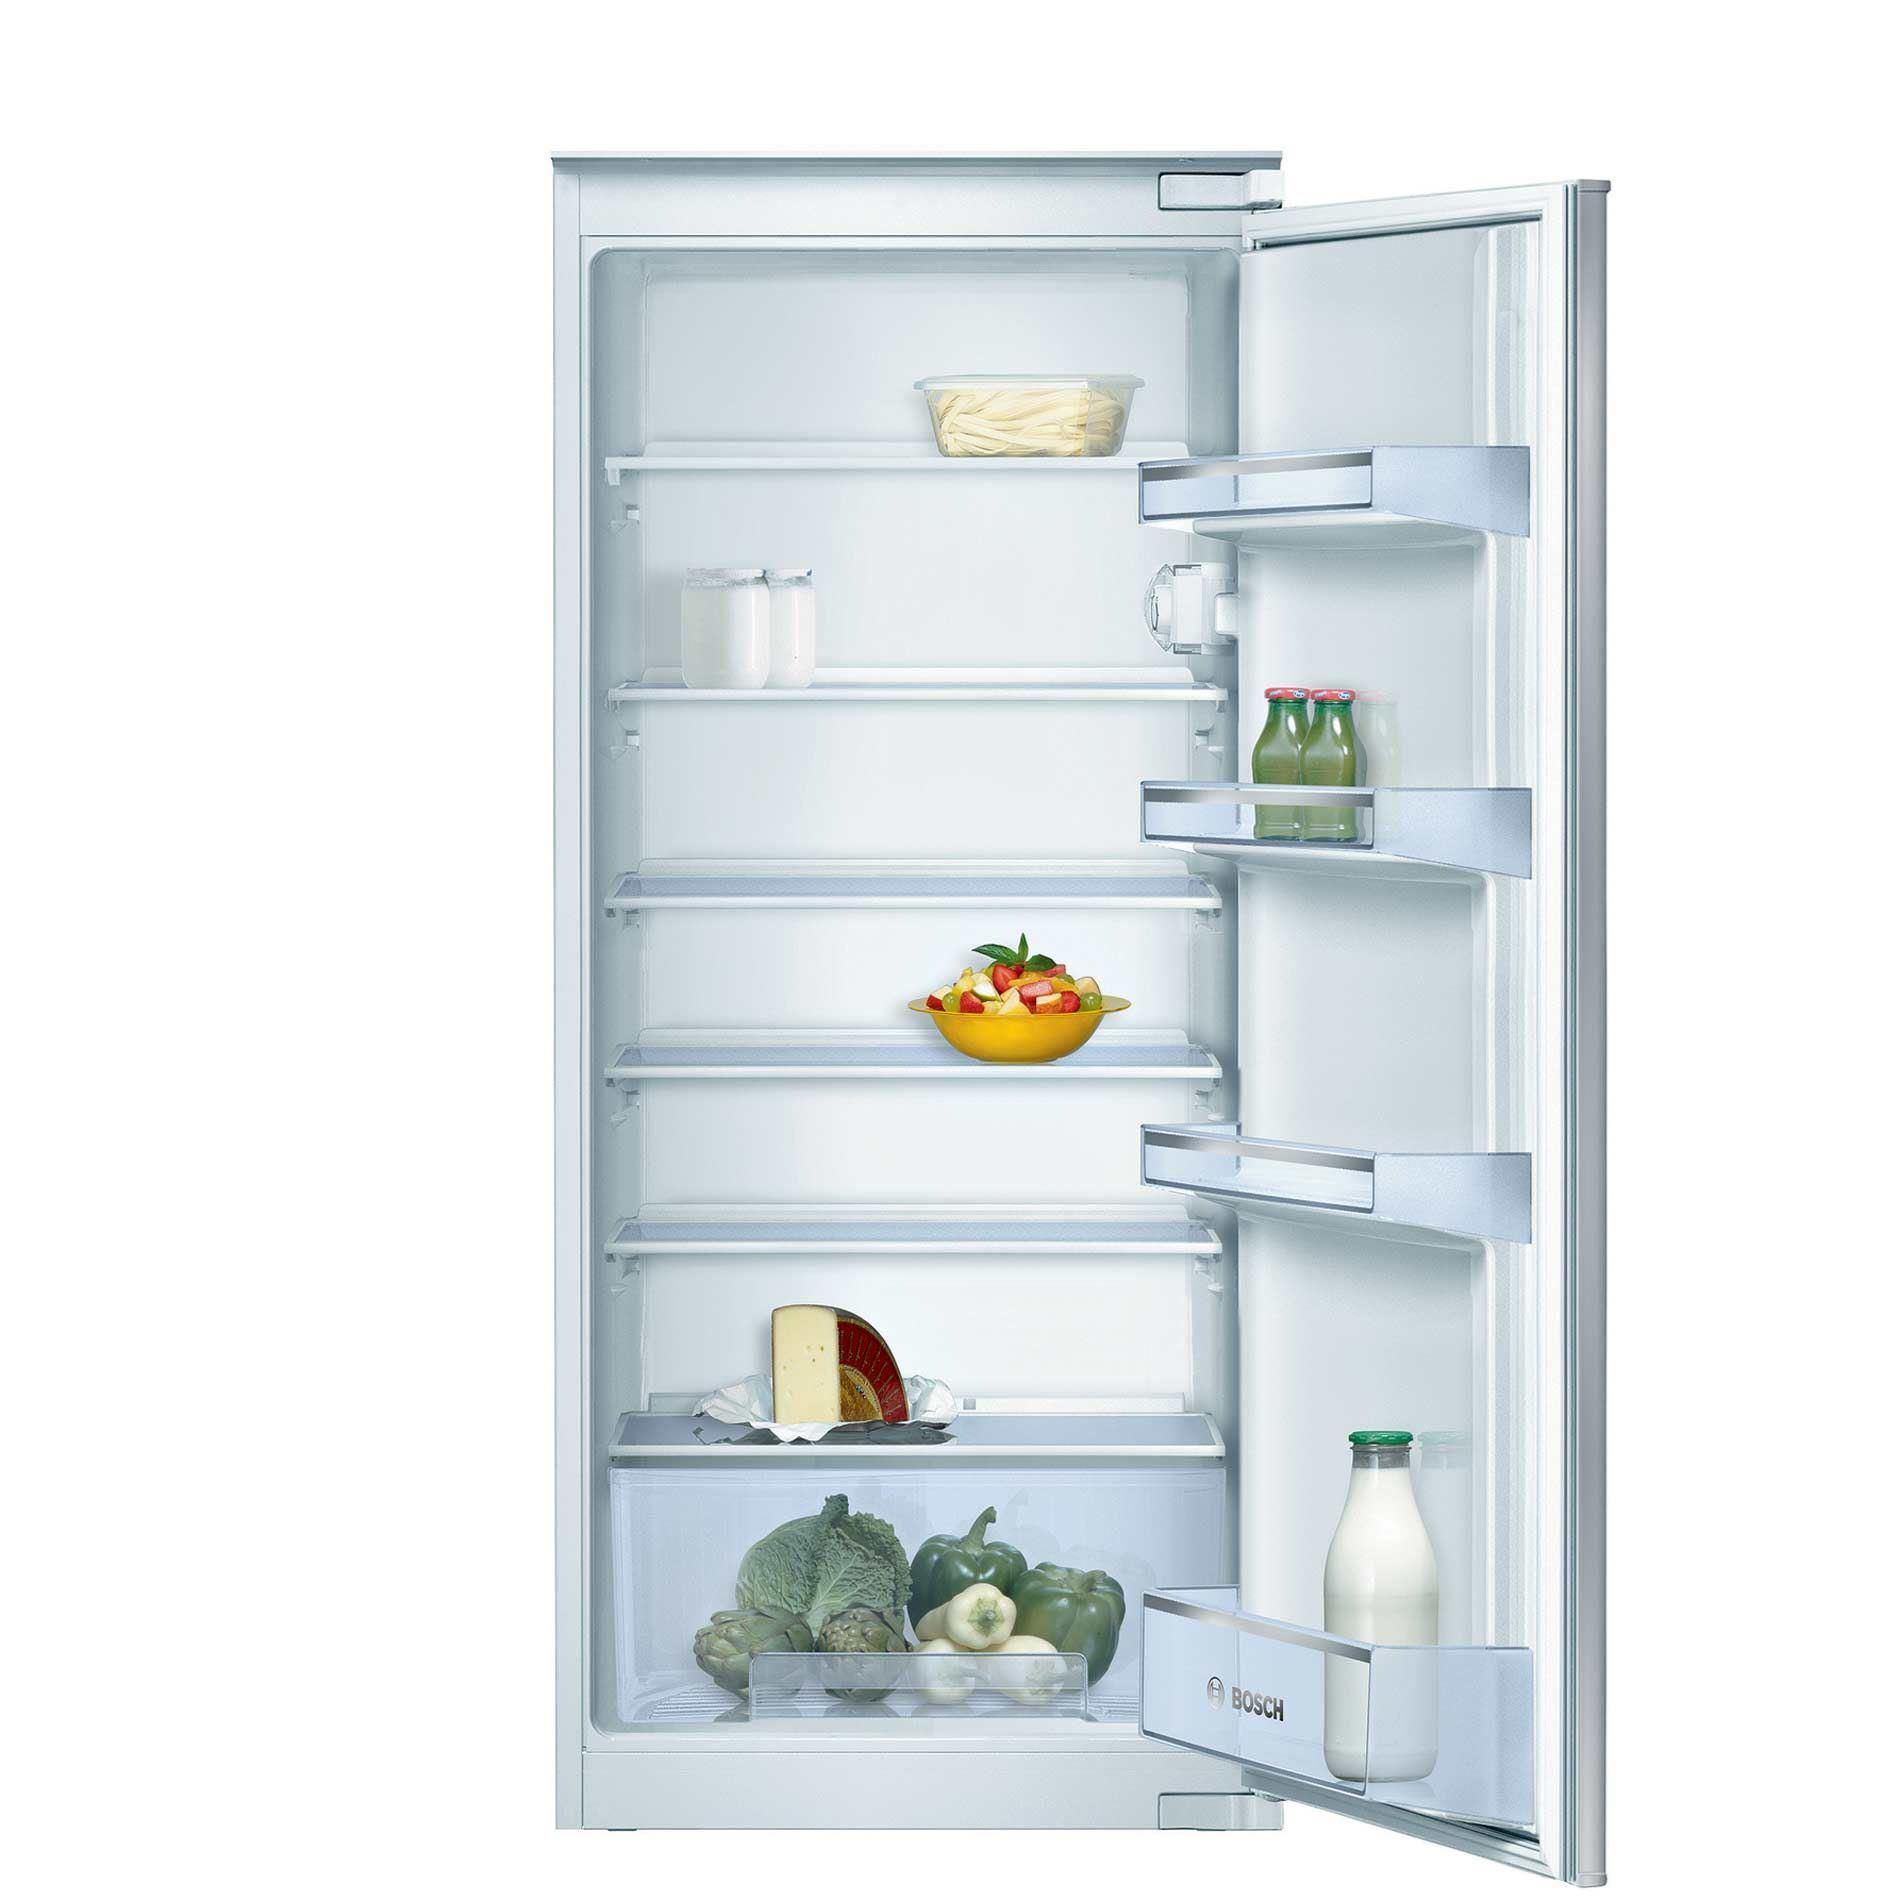 Bosch Kir24v20gb Built In Larder Fridge Appliance Source